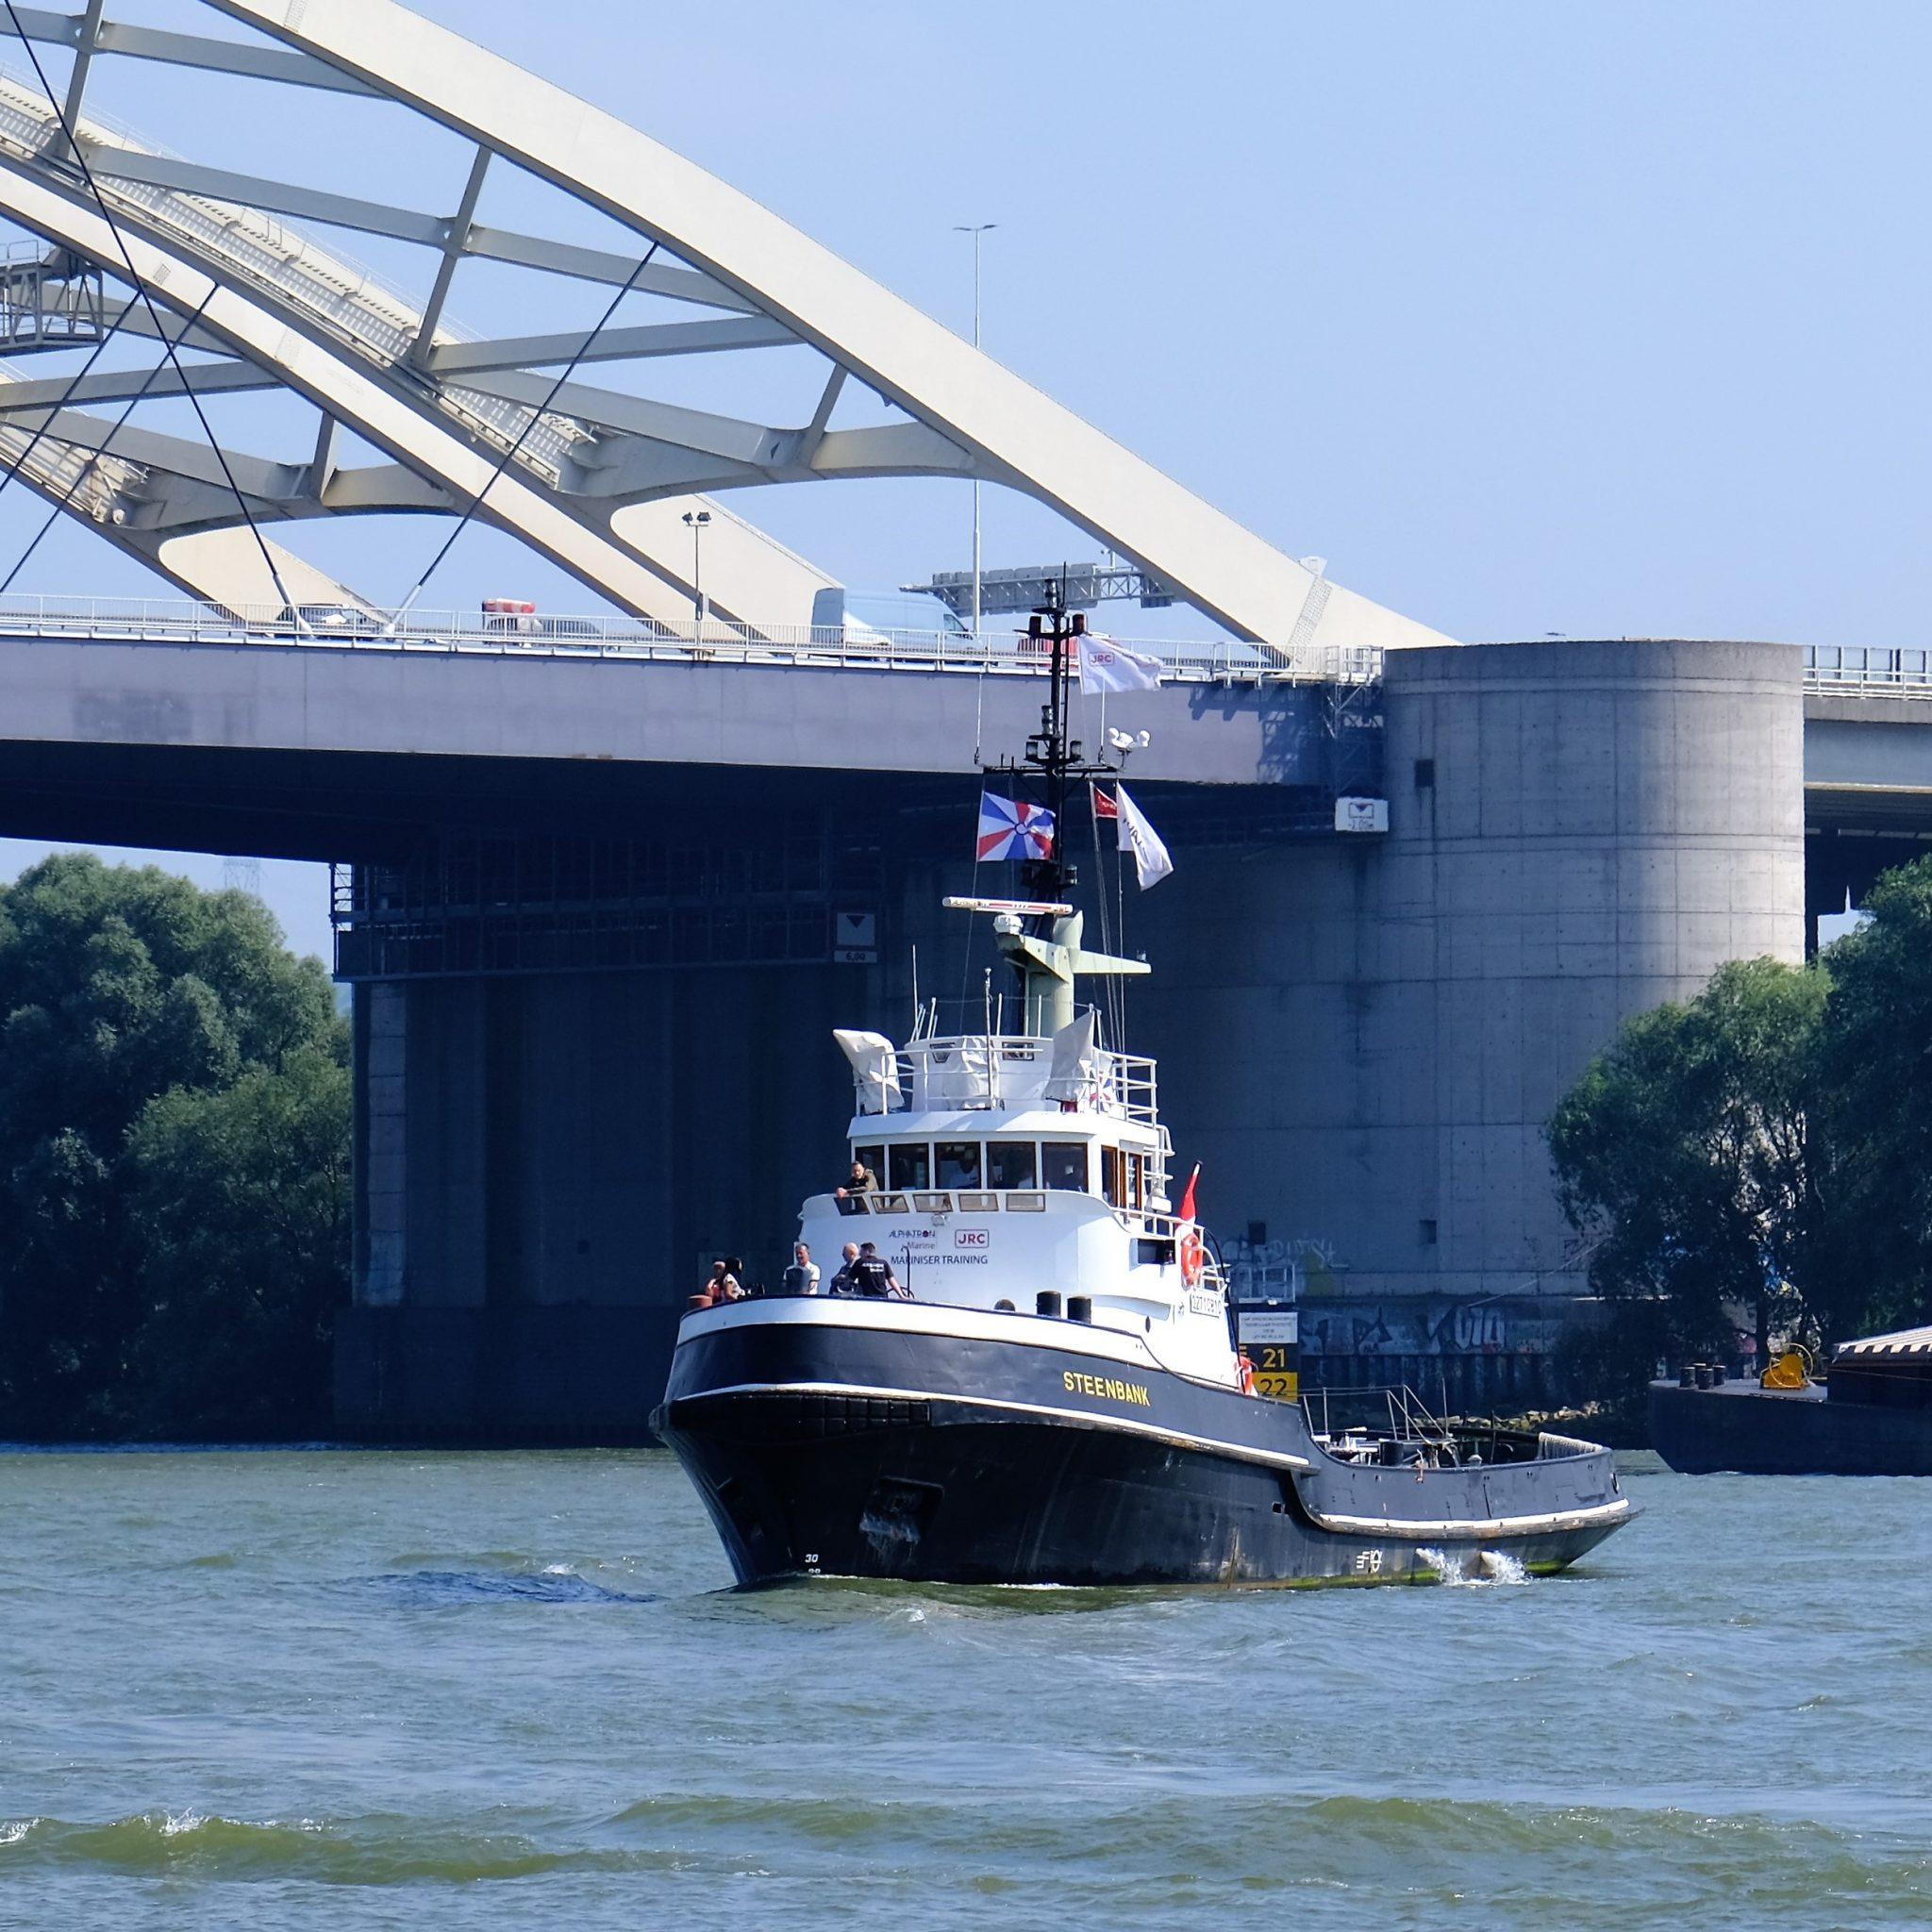 De Steenbank is een voormalige kust-/havensleepboot. (Foto Ernst Lohmann)